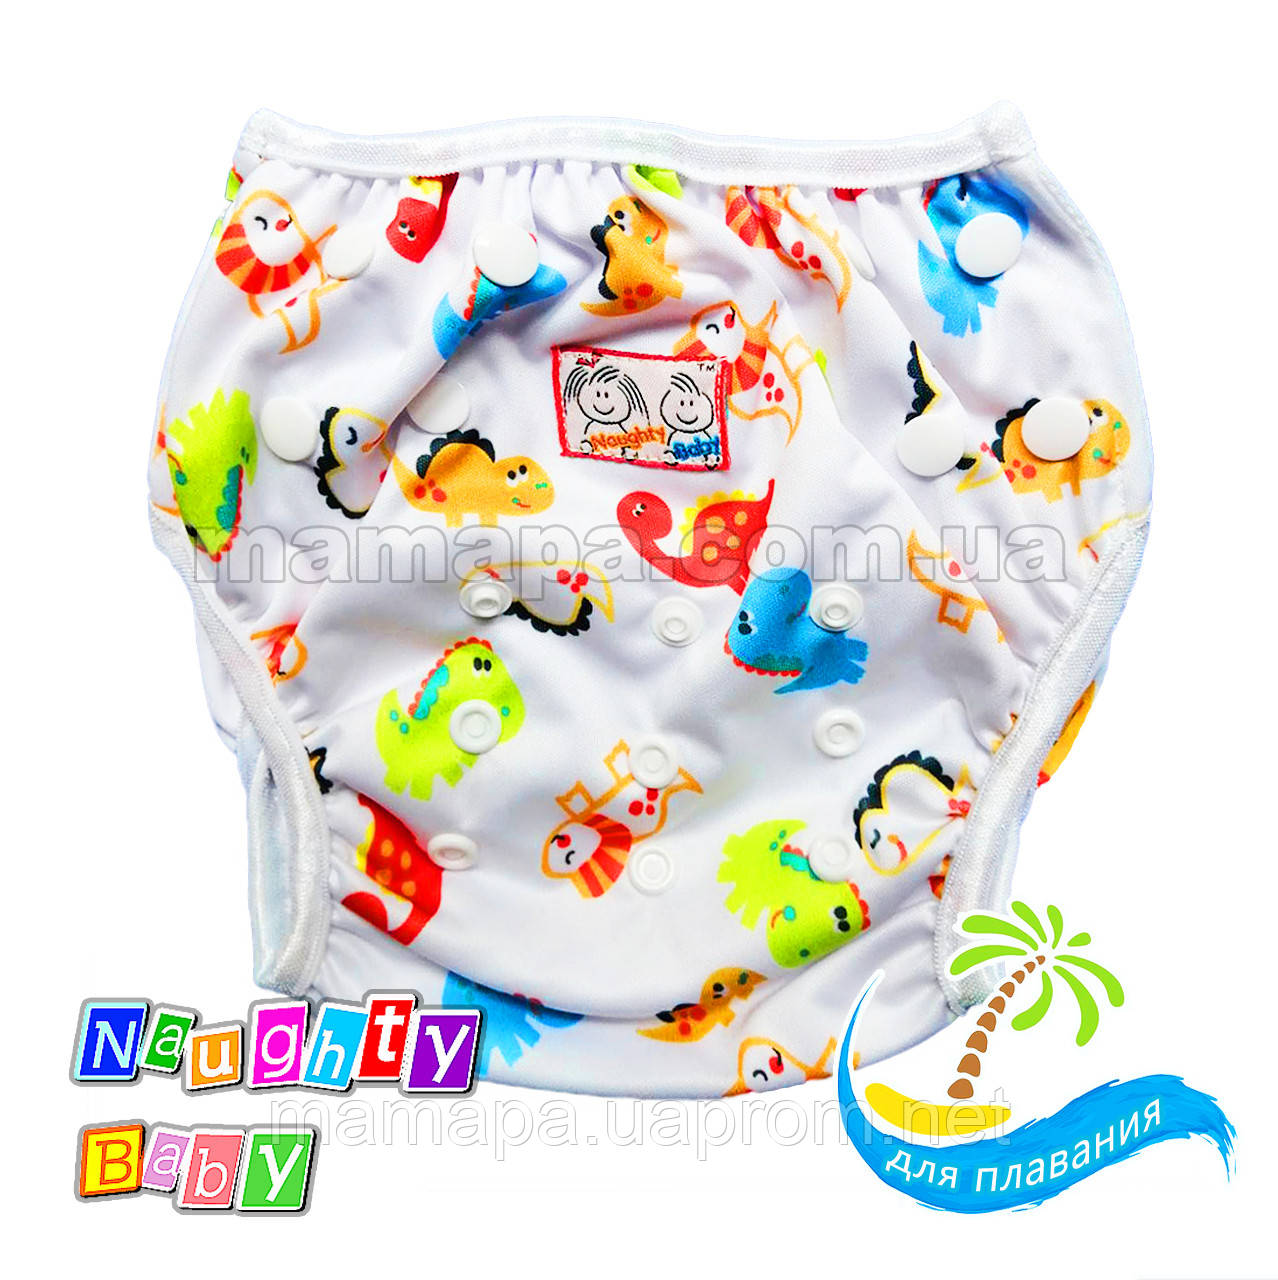 Многоразовые подгузники для плавания бассейна Naughty Baby для детей 3-16кг ДИНО